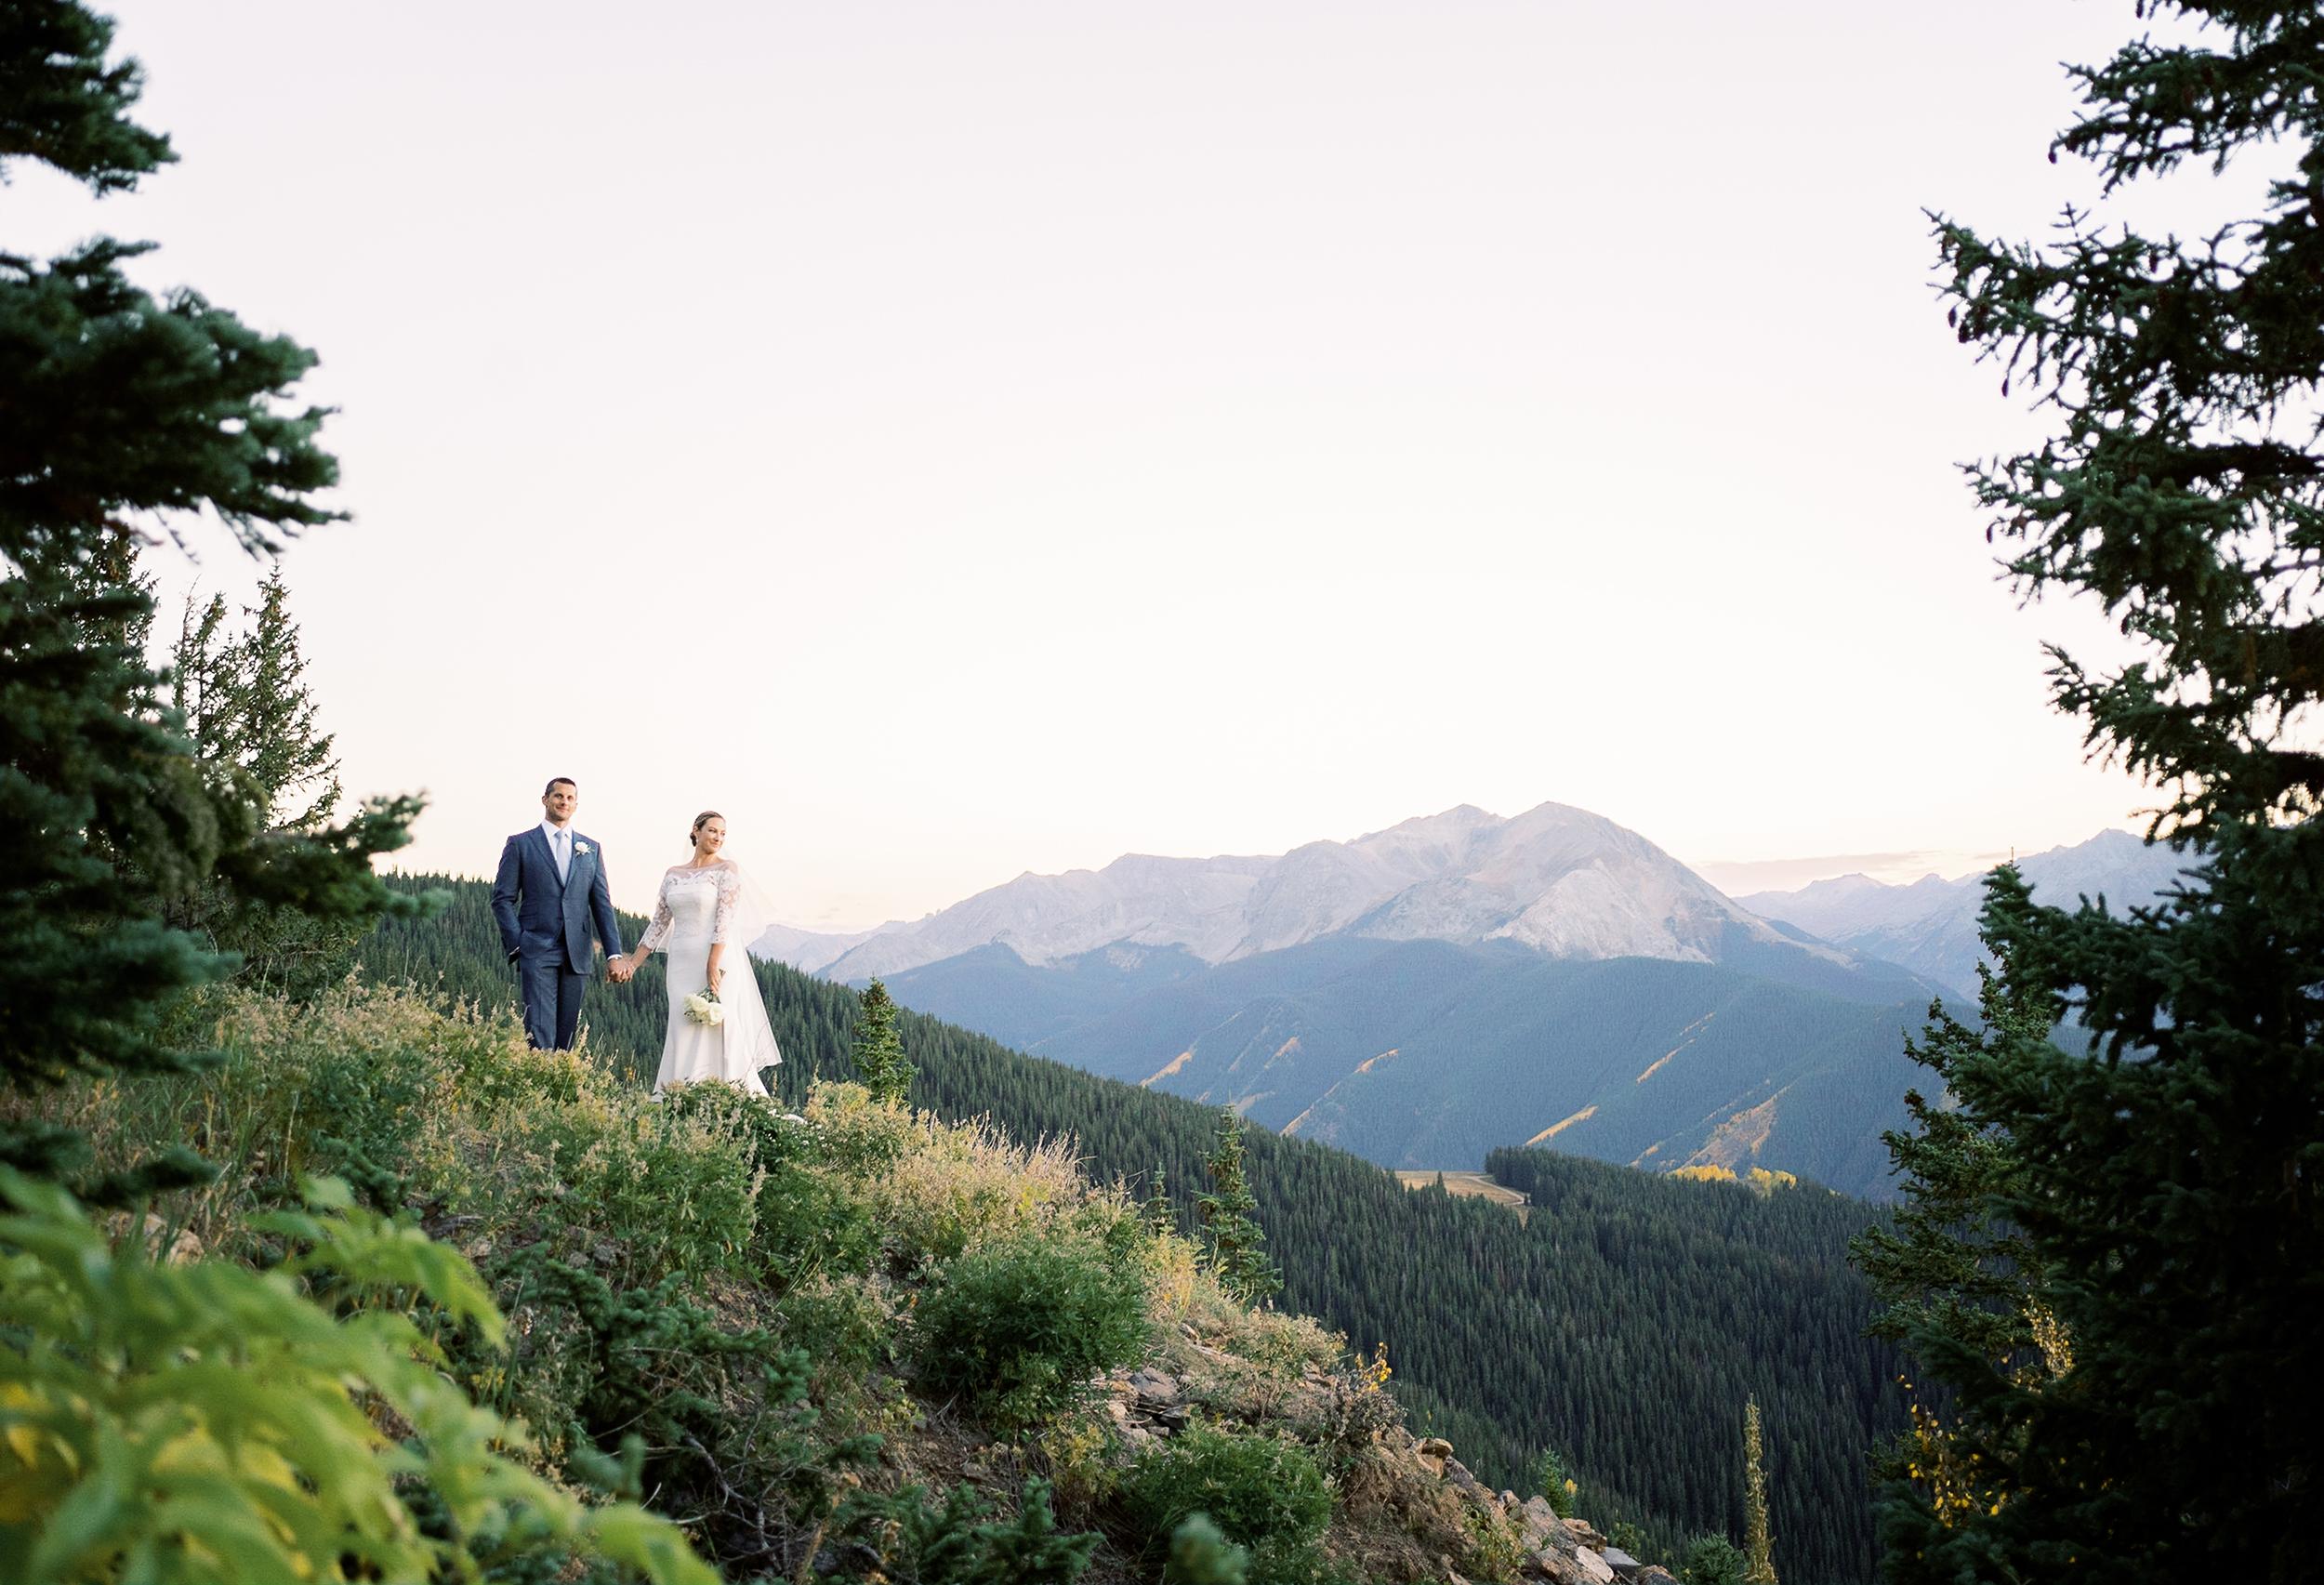 Aspen, Colorado - Van Wyck Proposal